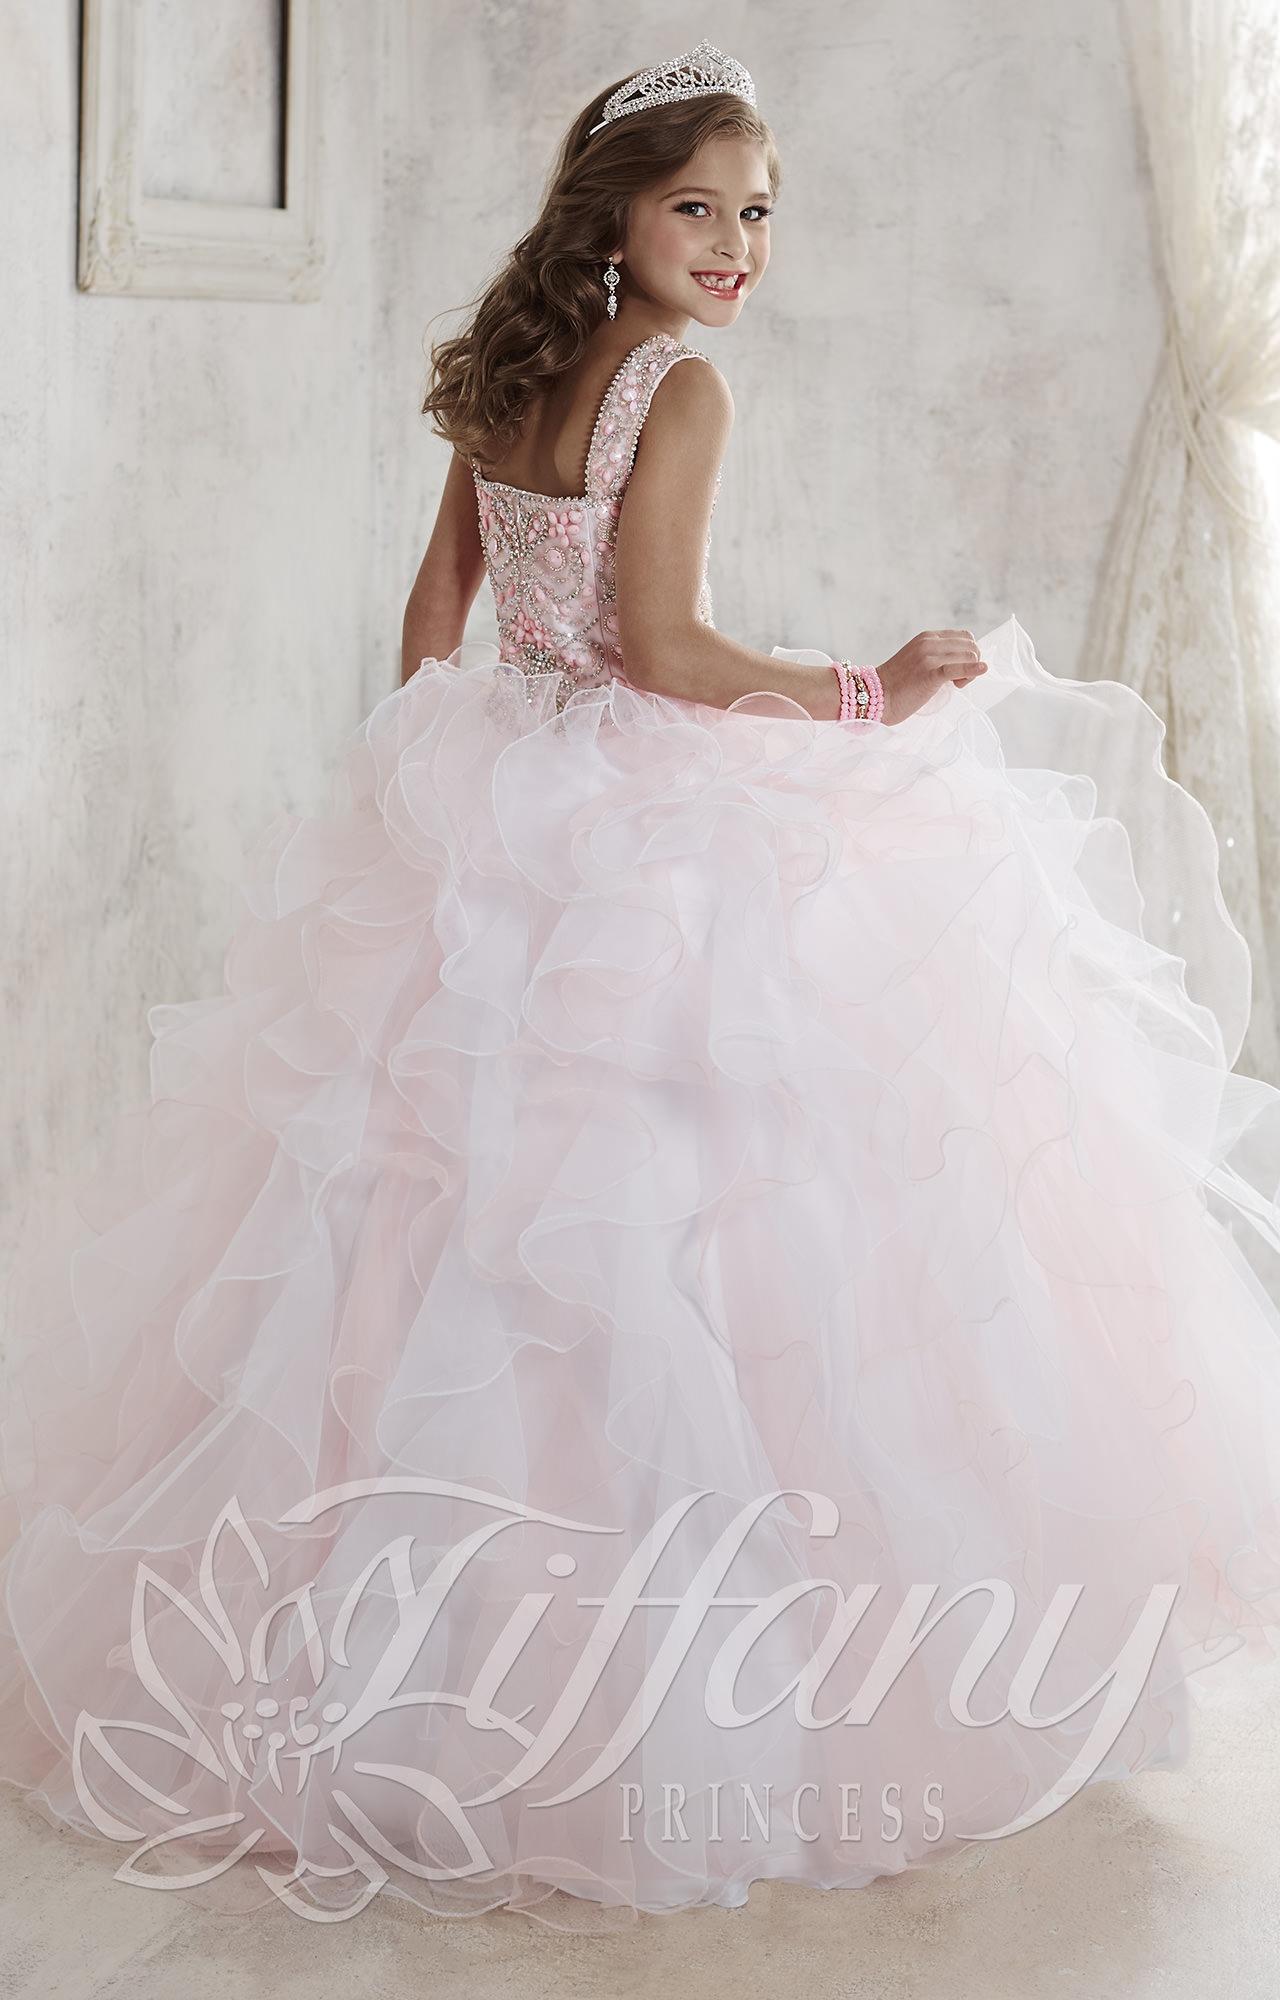 Tiffany Princess 13456 - Fit for a Princess Dress Prom Dress